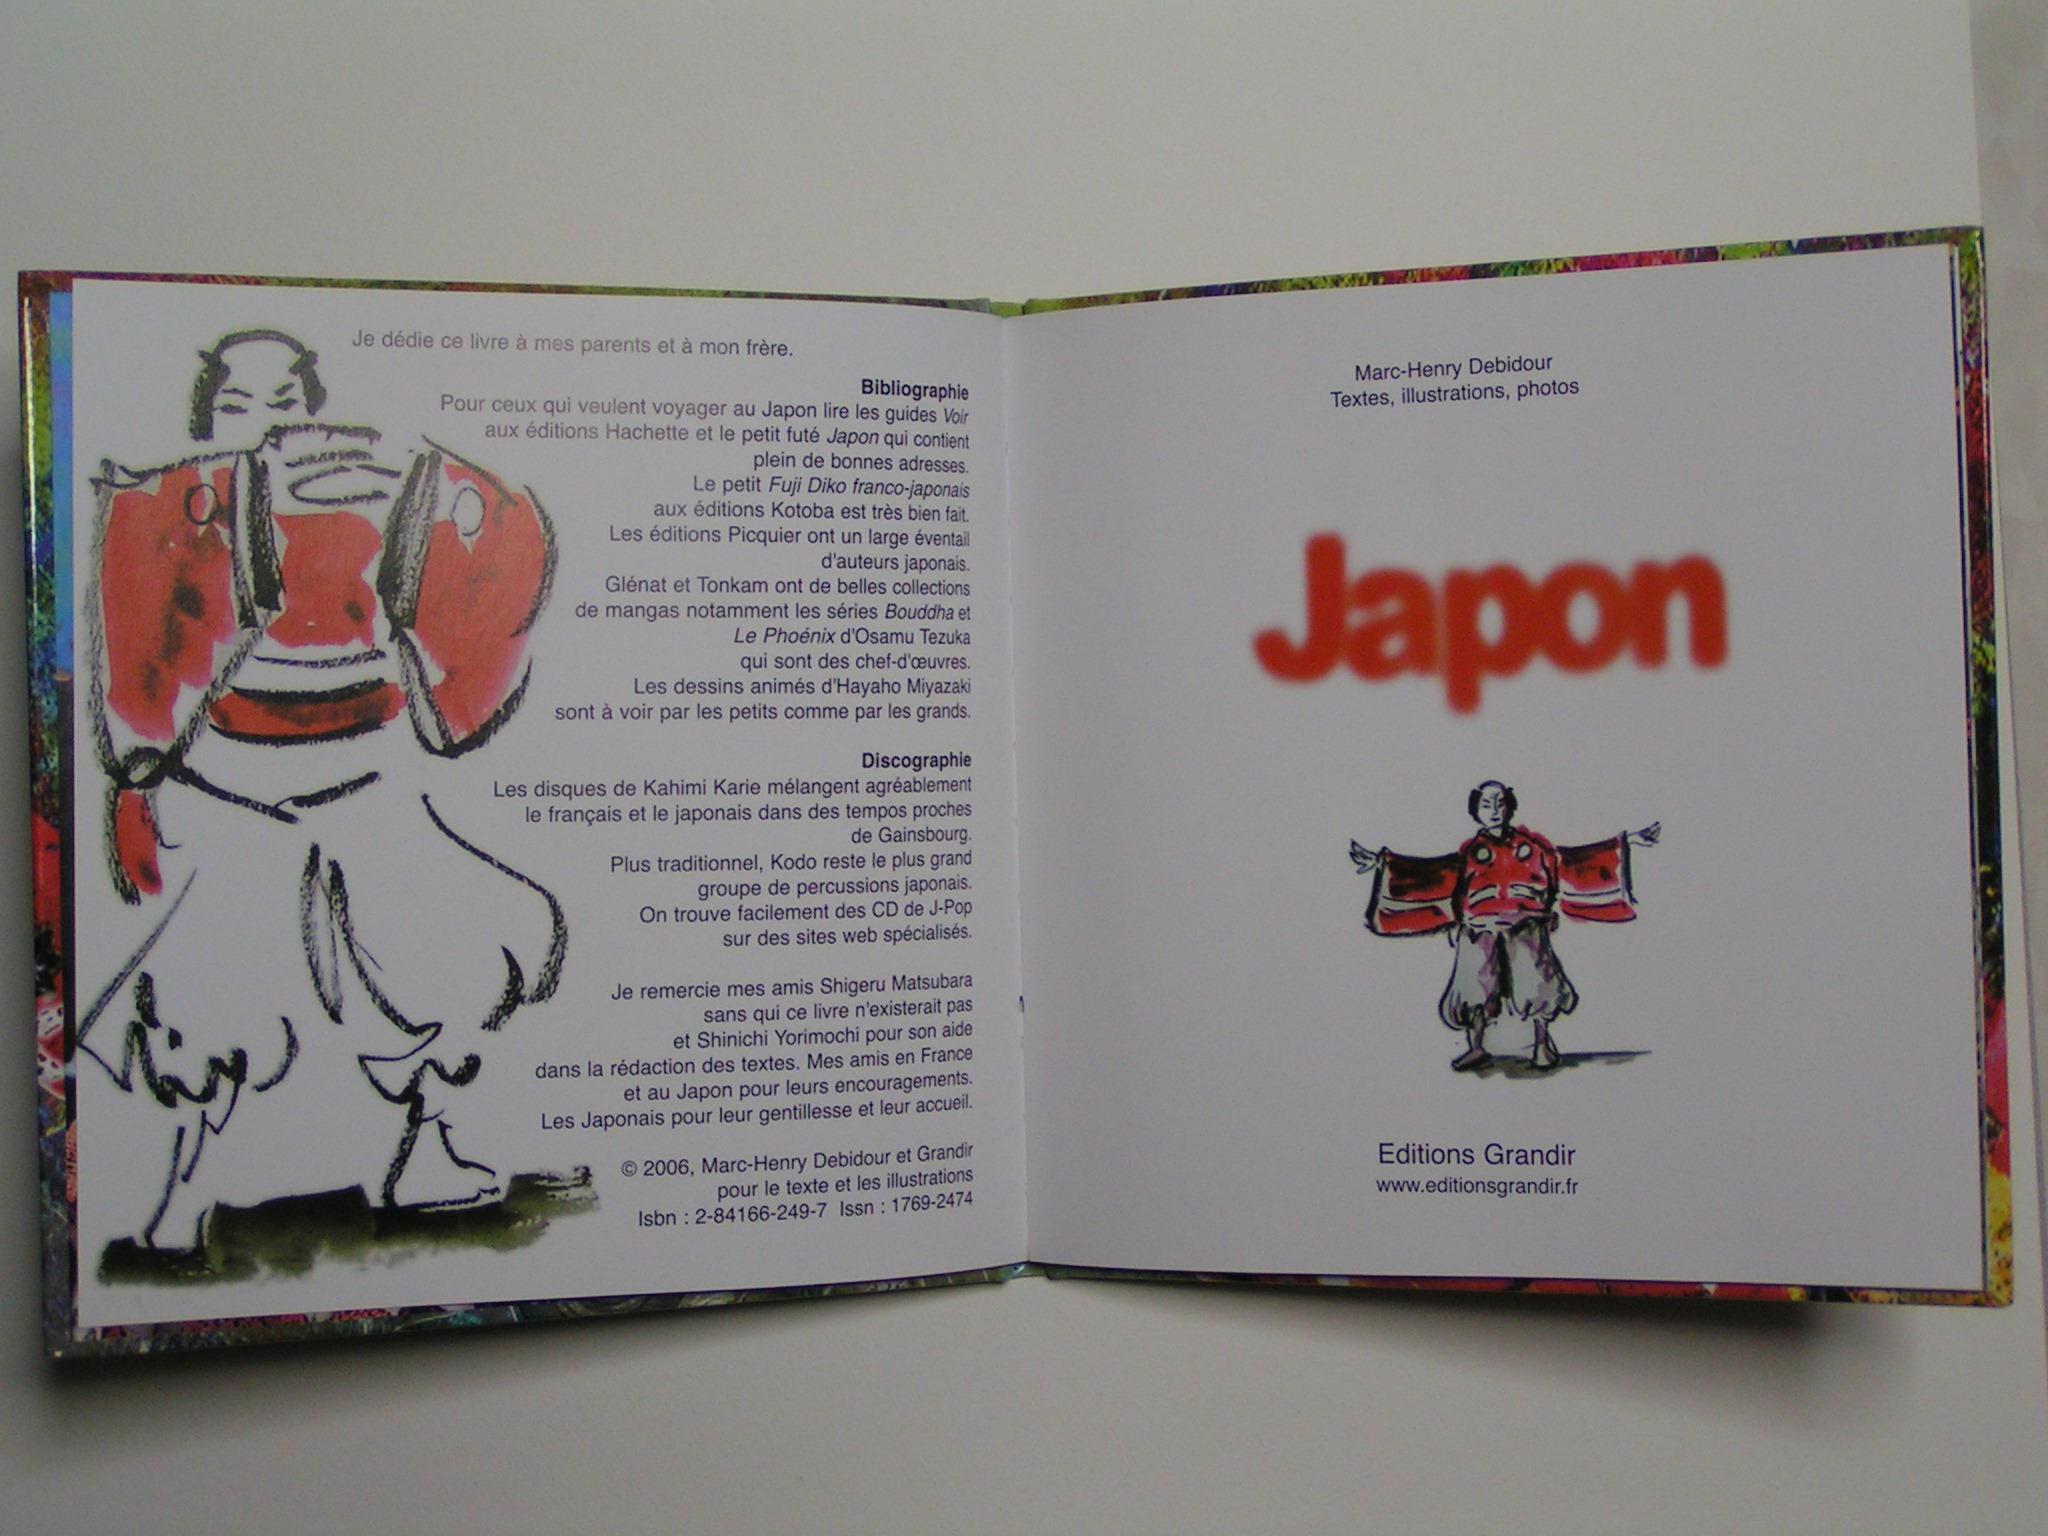 japon debidour